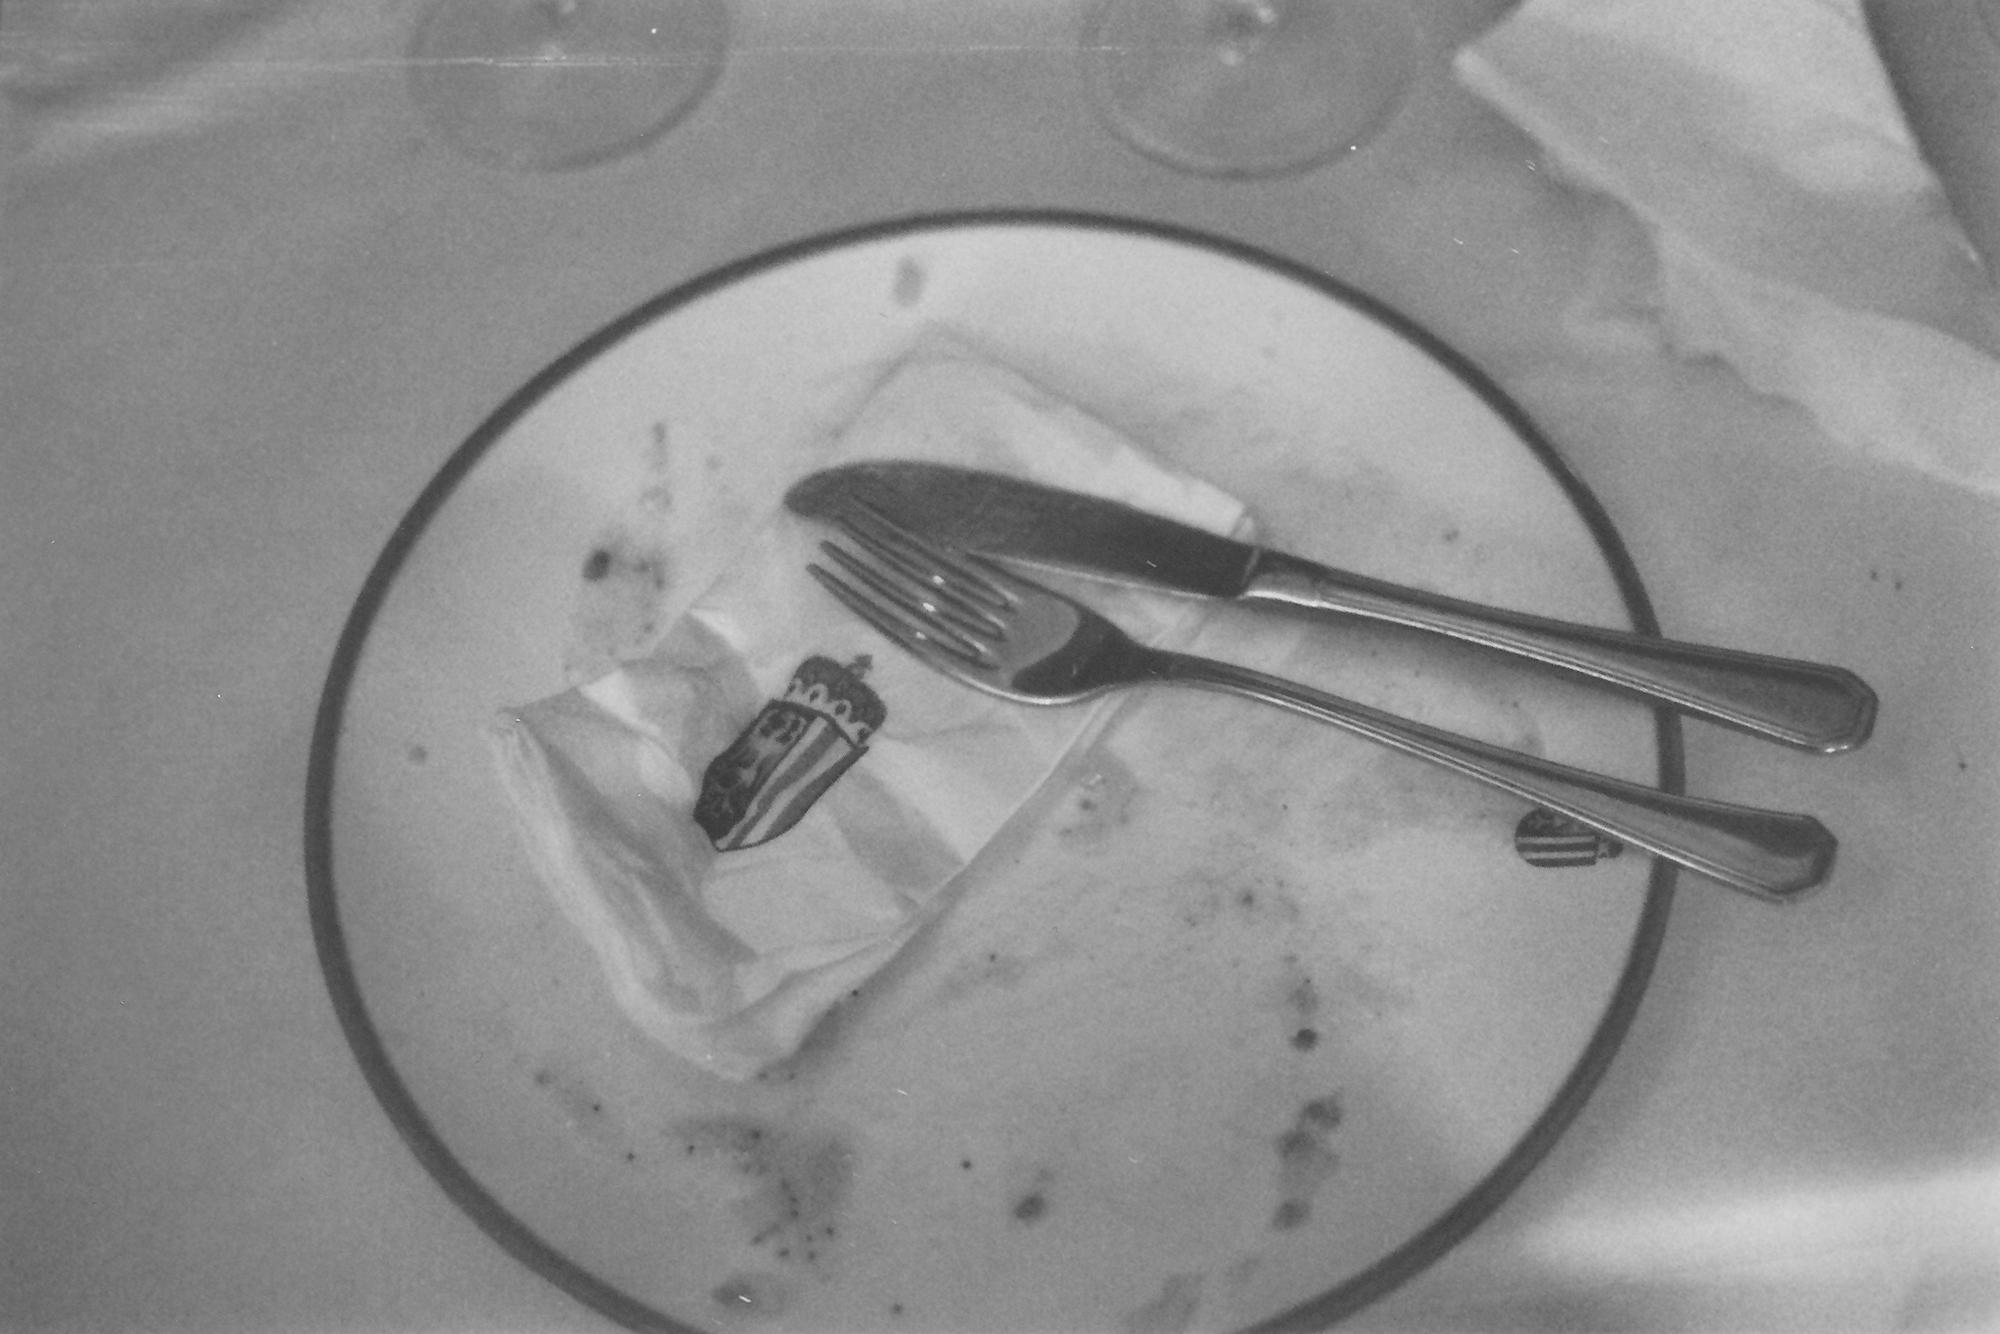 Mahlzeit und Danke!